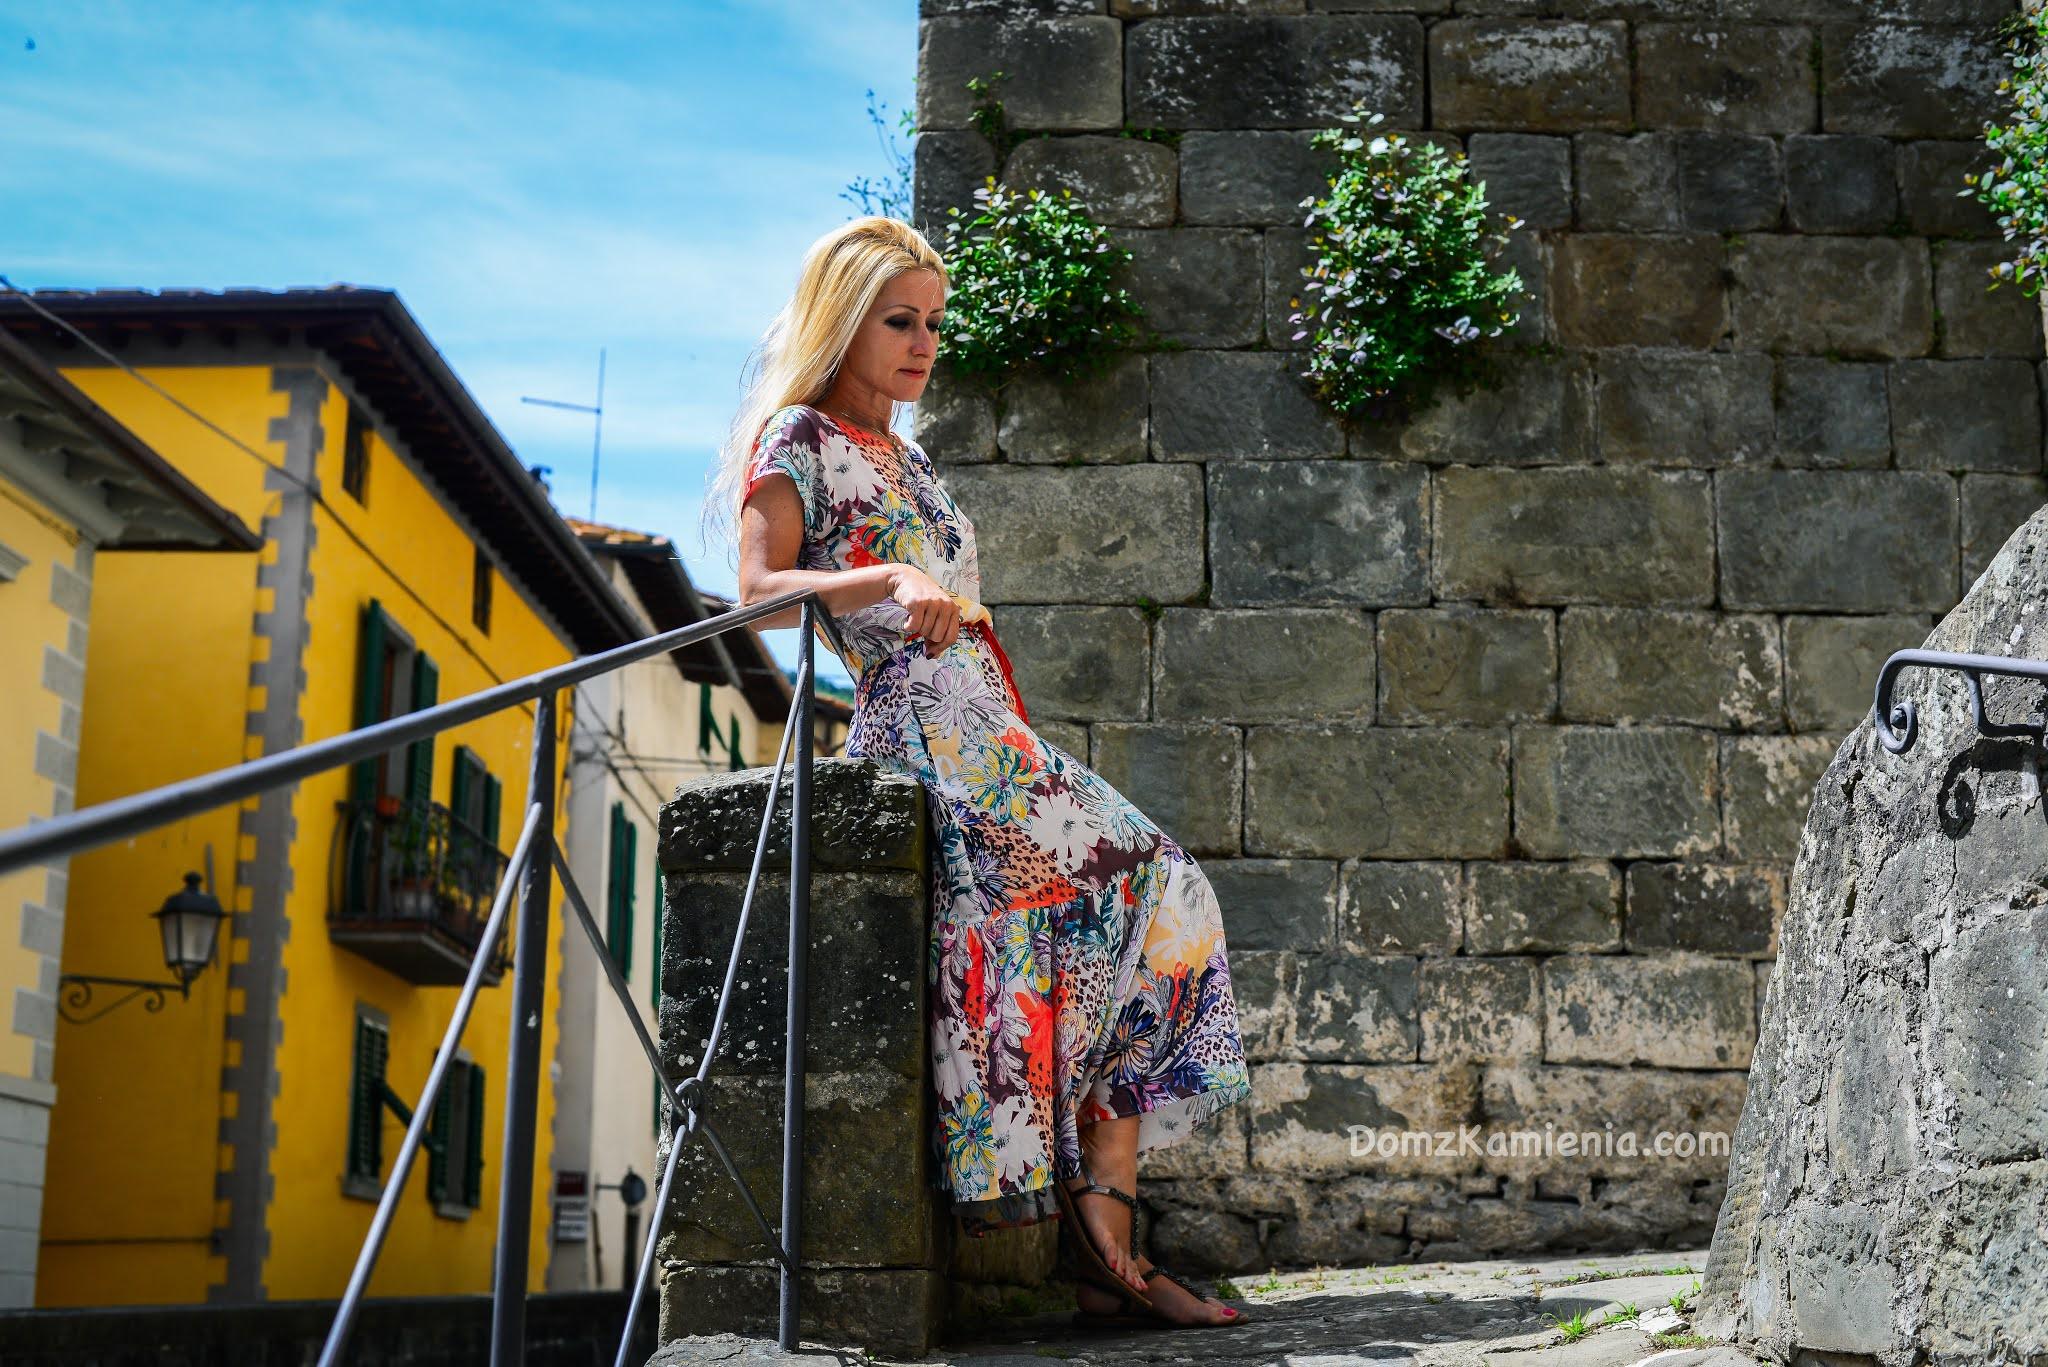 Loro Ciuffenna Dom z Kamienia, blog o życiu w Toskanii